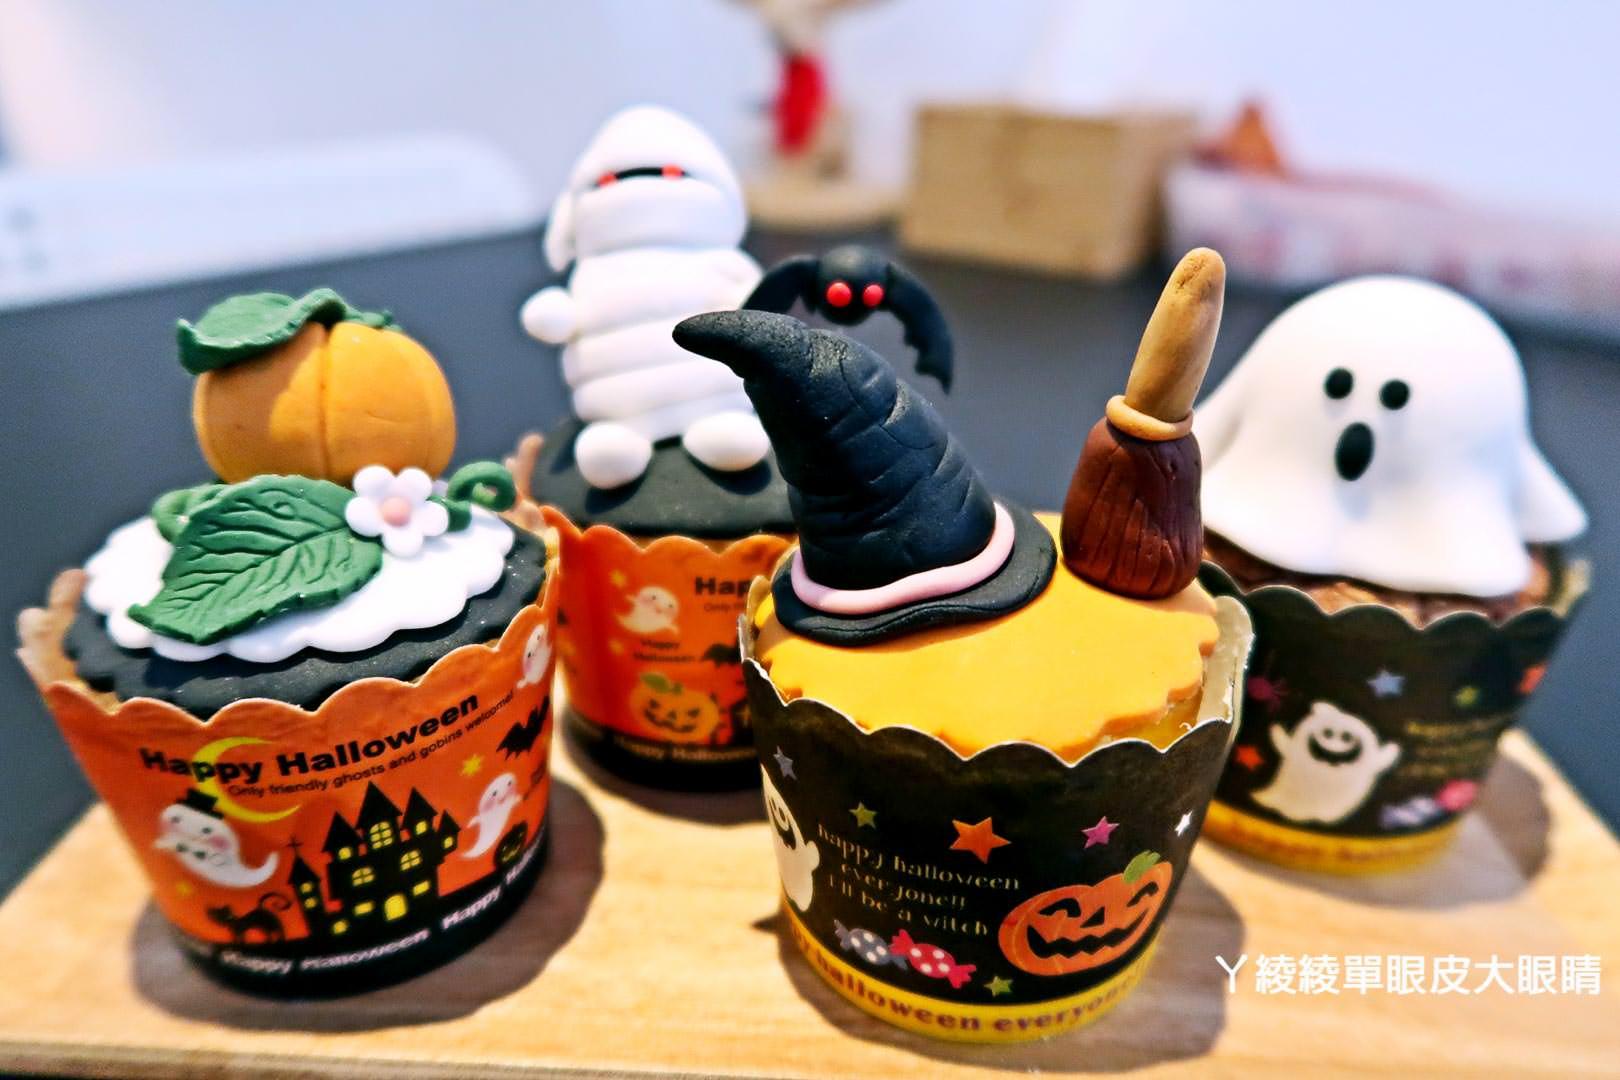 好想買!萬聖節搞怪木乃伊、淘氣幽靈|超可愛造型甜點在新竹